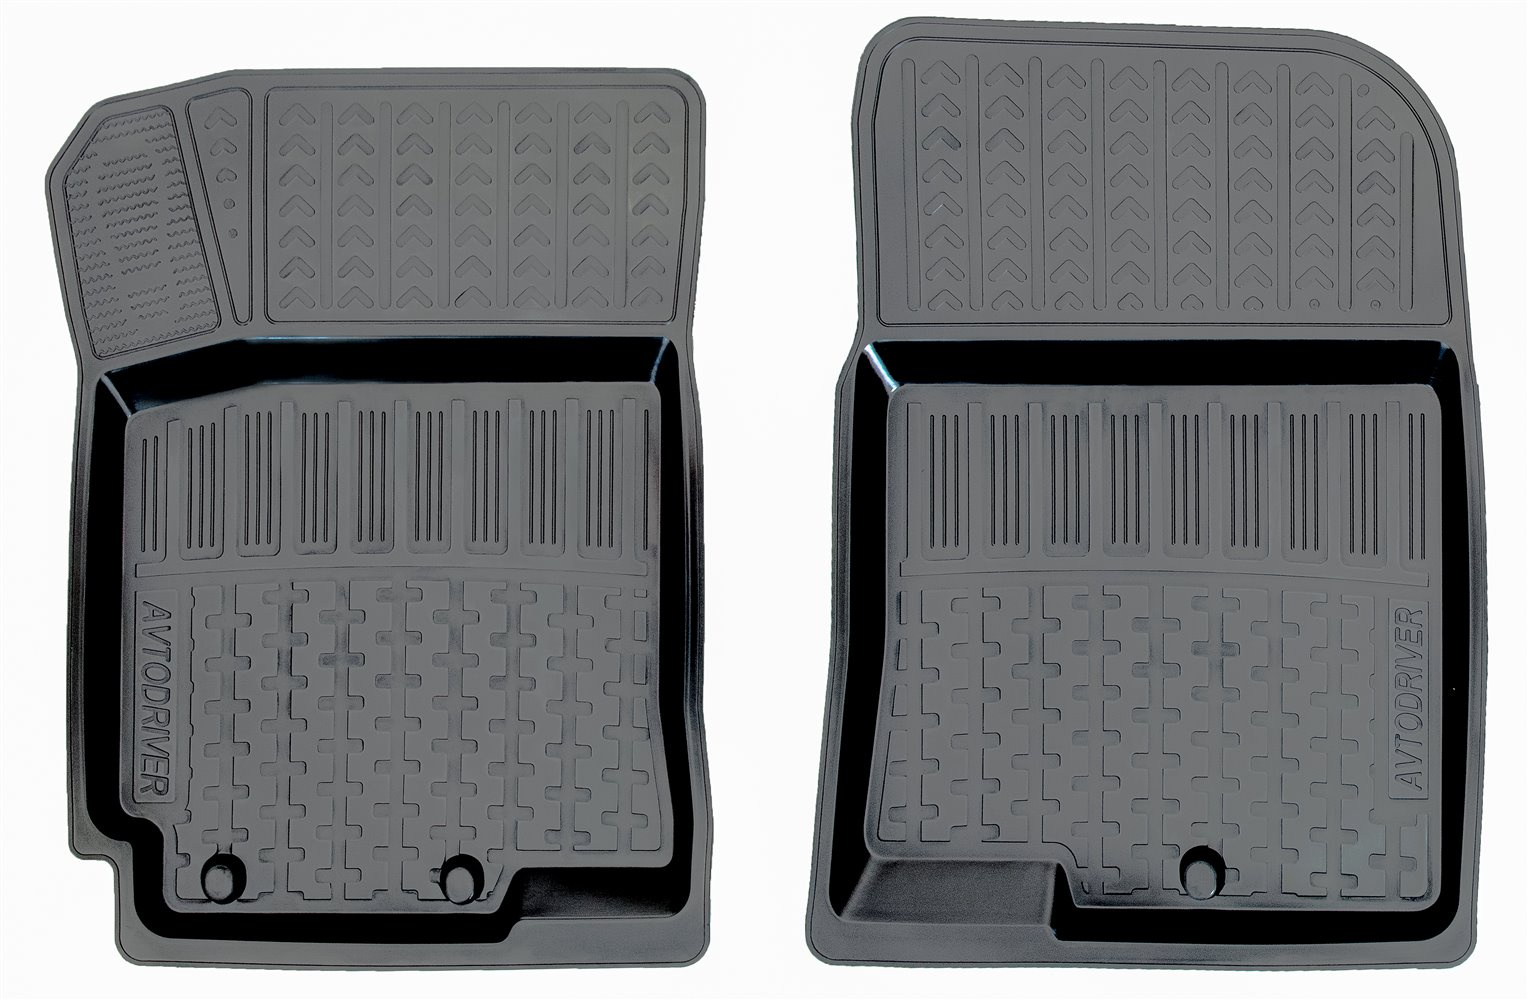 Коврики в салон автомобиля Avtodriver, для Kia Rio, 2011-2017, 2 передних, ADRPRO003-2, резиновые, с бортиком, черный комплект ковриков в салон автомобиля klever kia rio 2011 econom